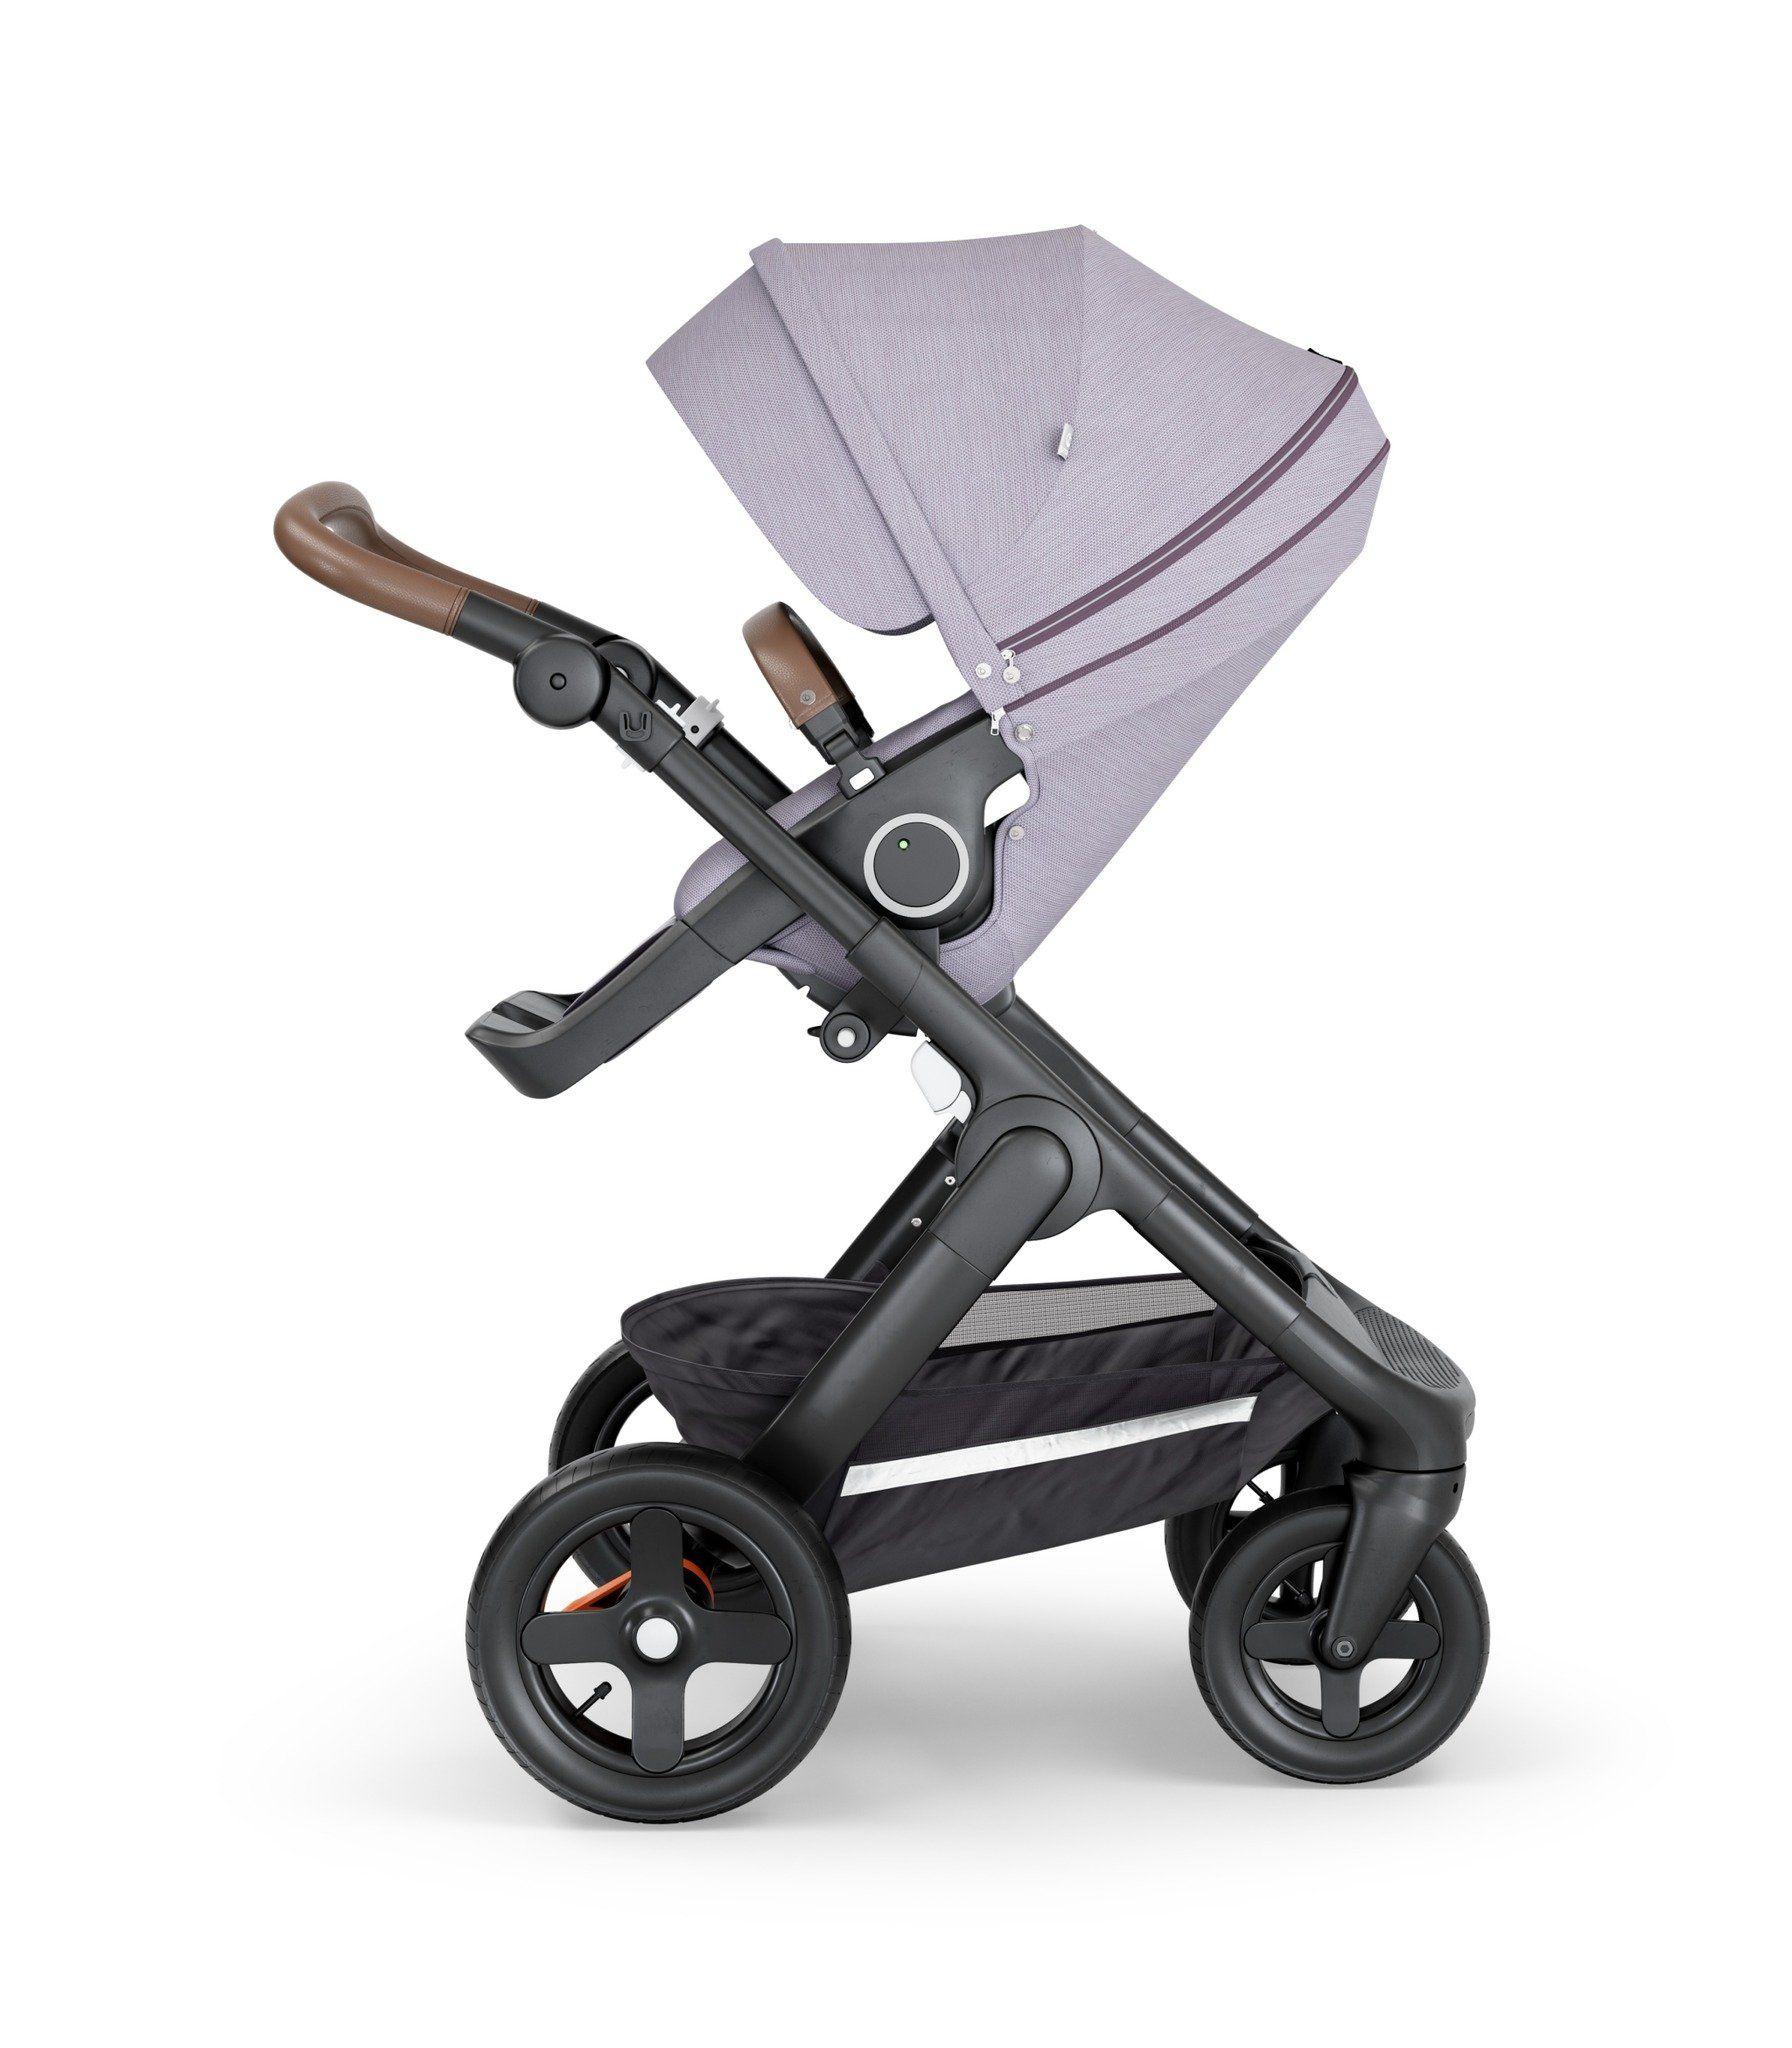 Stokke Trailz Stroller Barnevogn, Barn, Fødsel